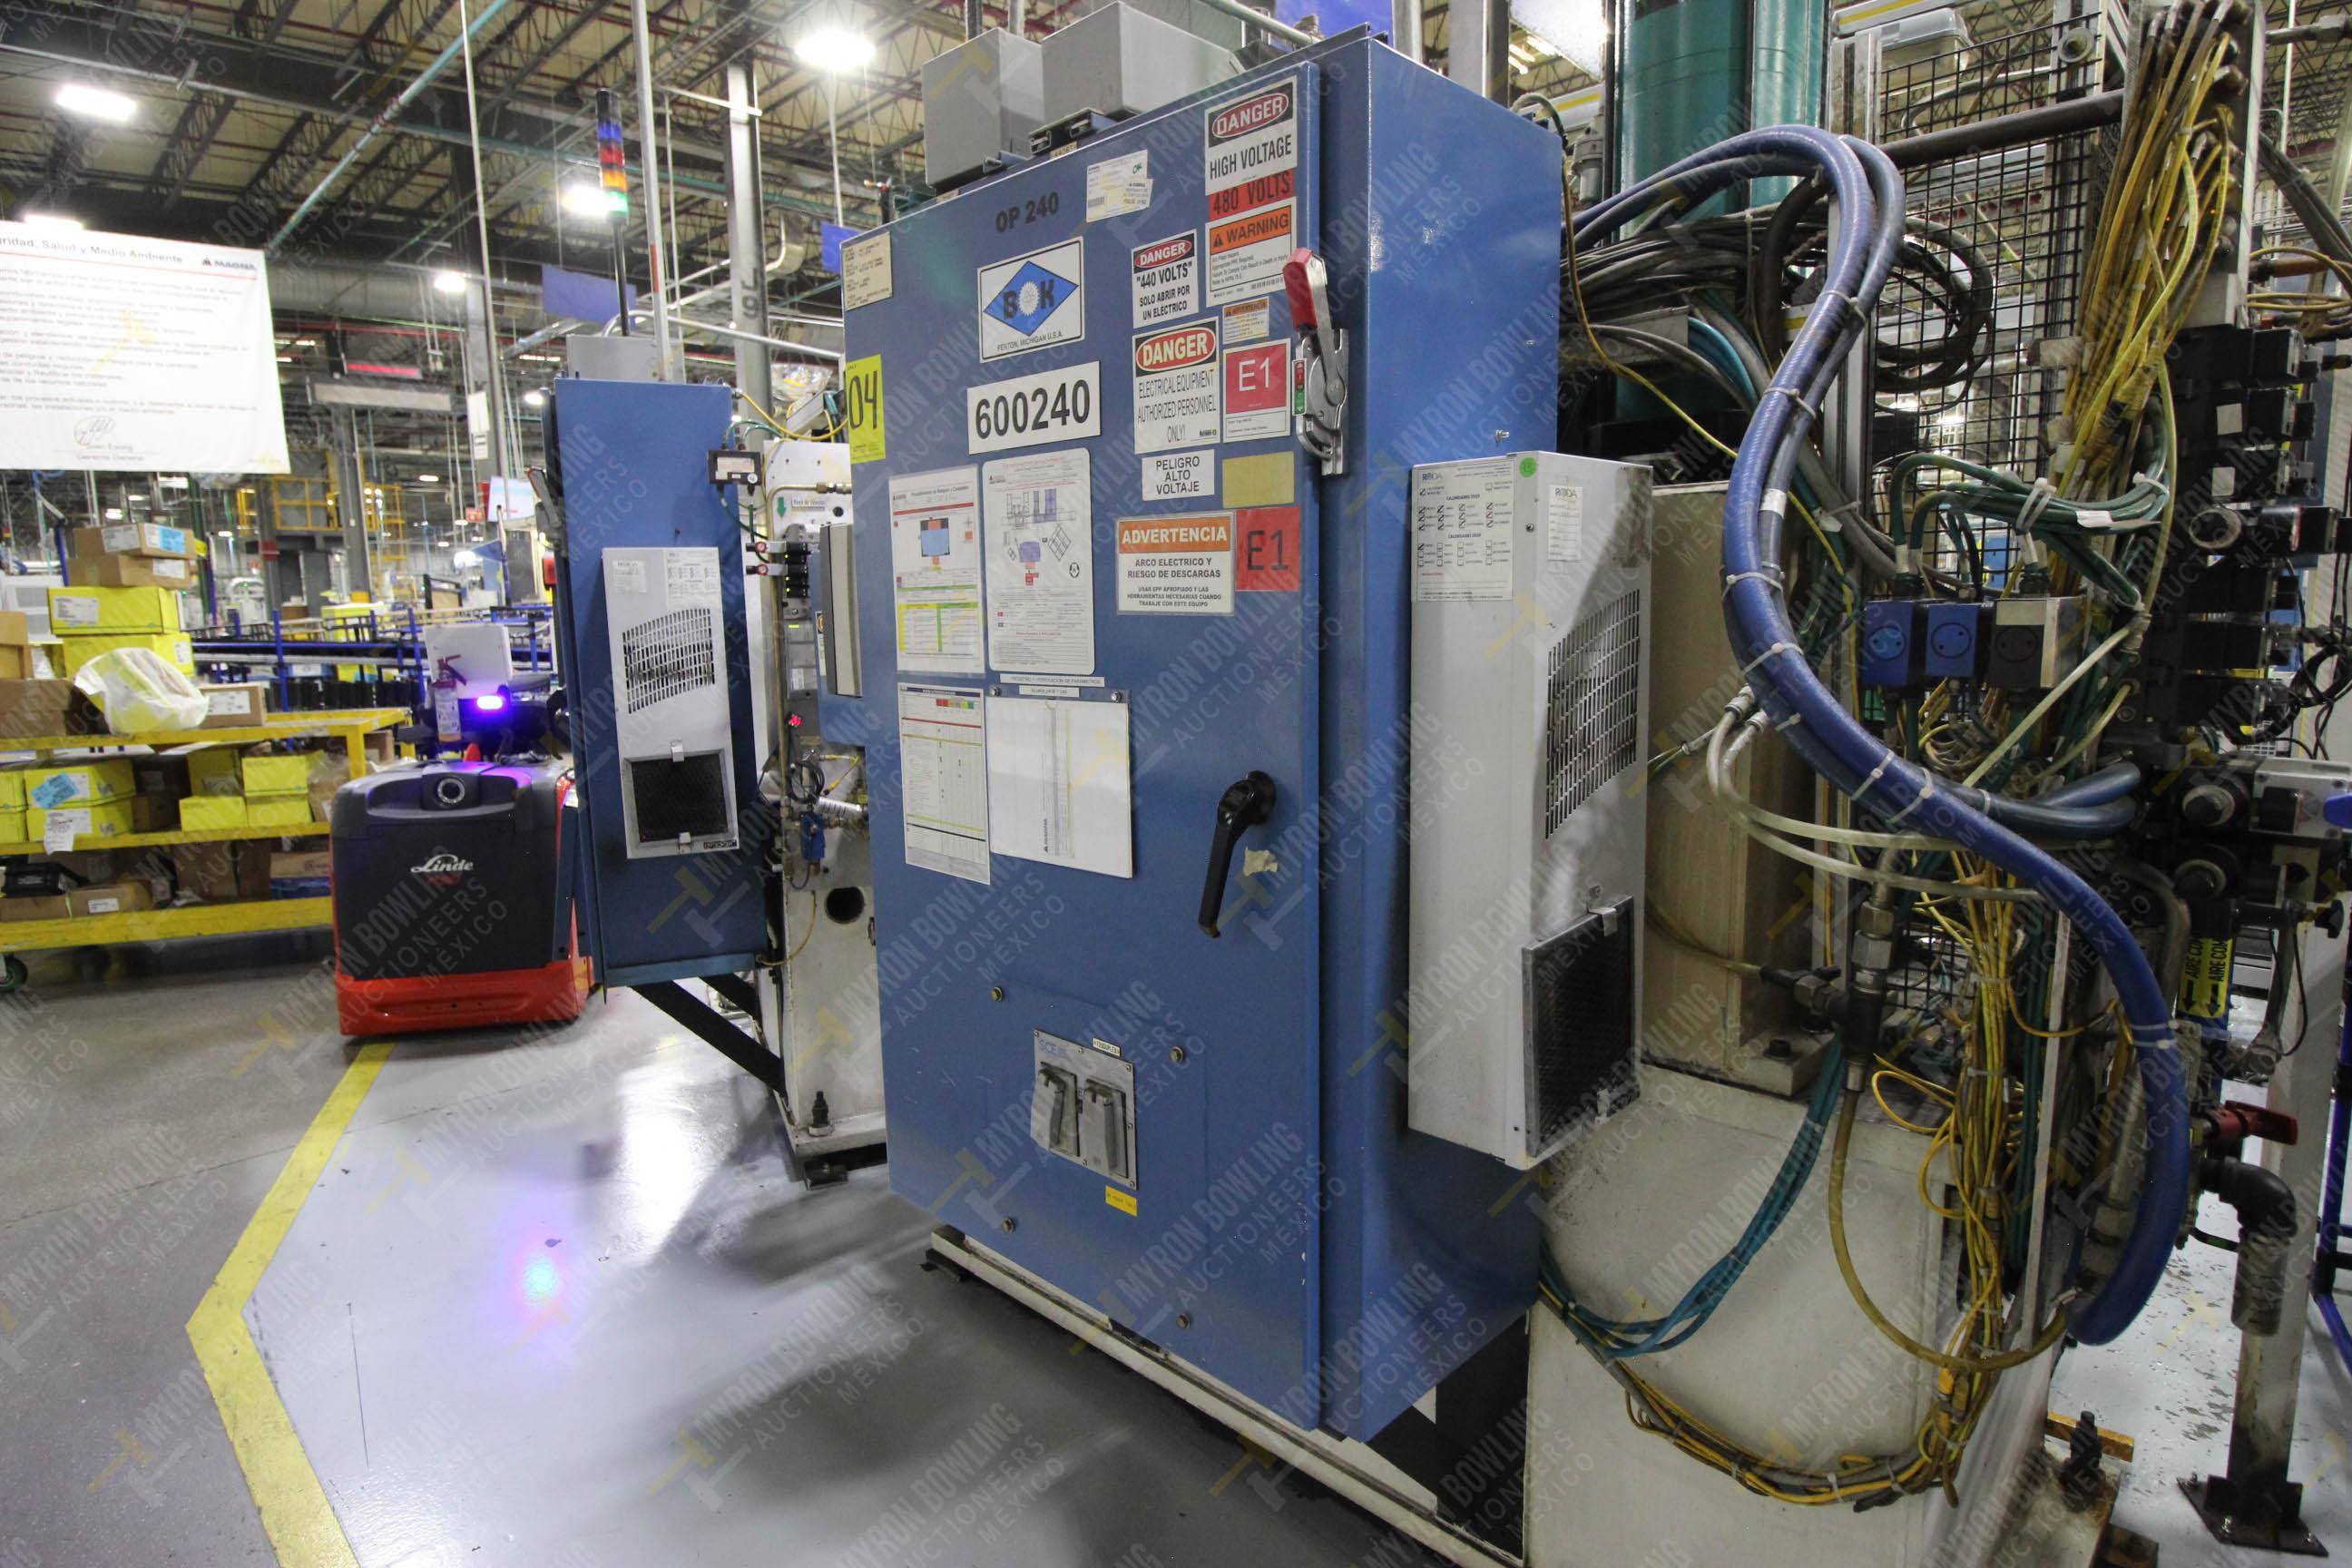 Estación semiautomática para operación 240A de ensamble de balero - Image 19 of 29